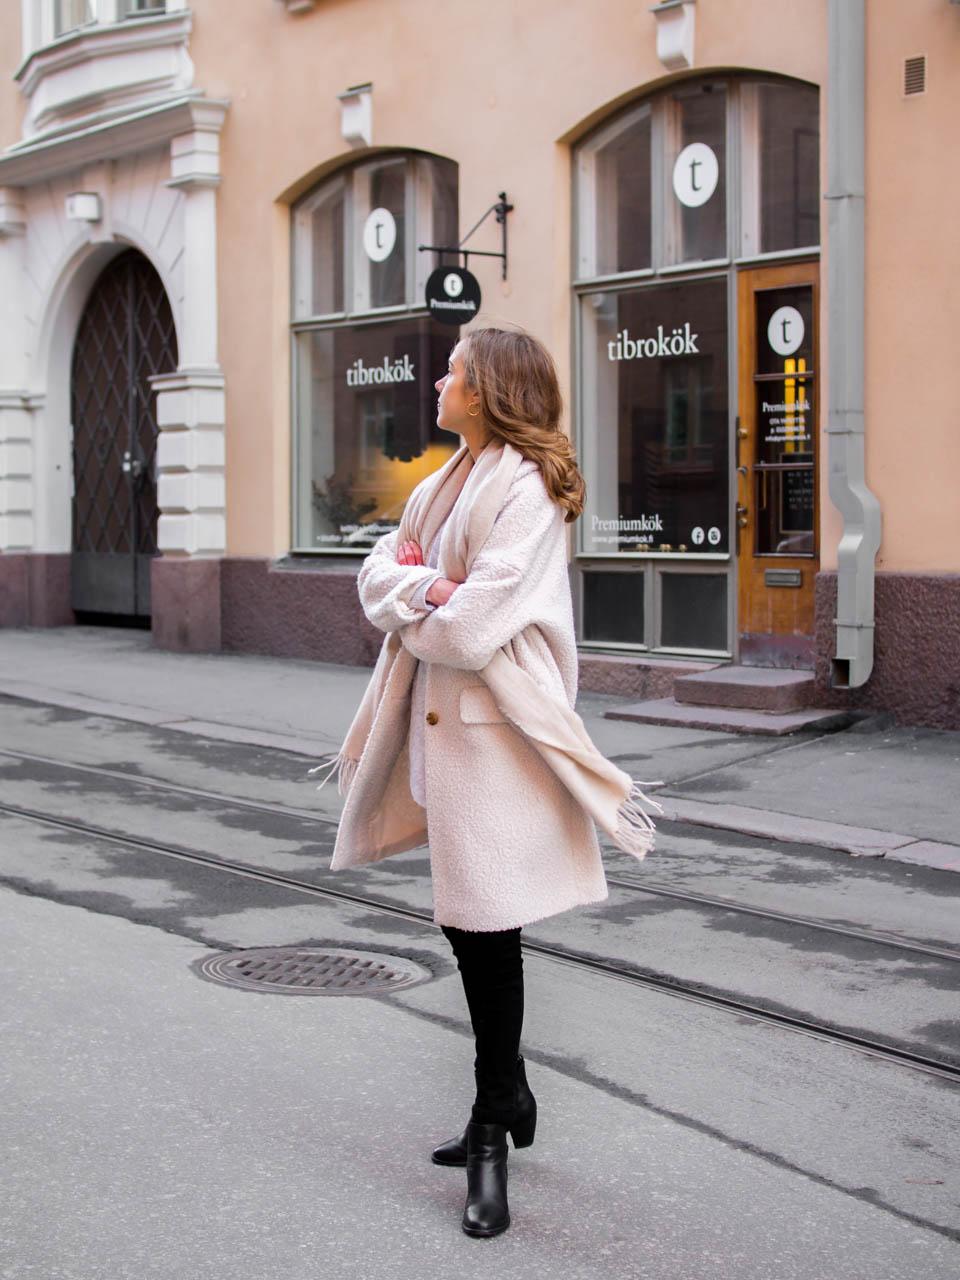 Scandinavian fashion blogger winter outfit inspiration - Talvimuoti, inspiraatio, muoti, tyyli, bloggaaja, Helsinki